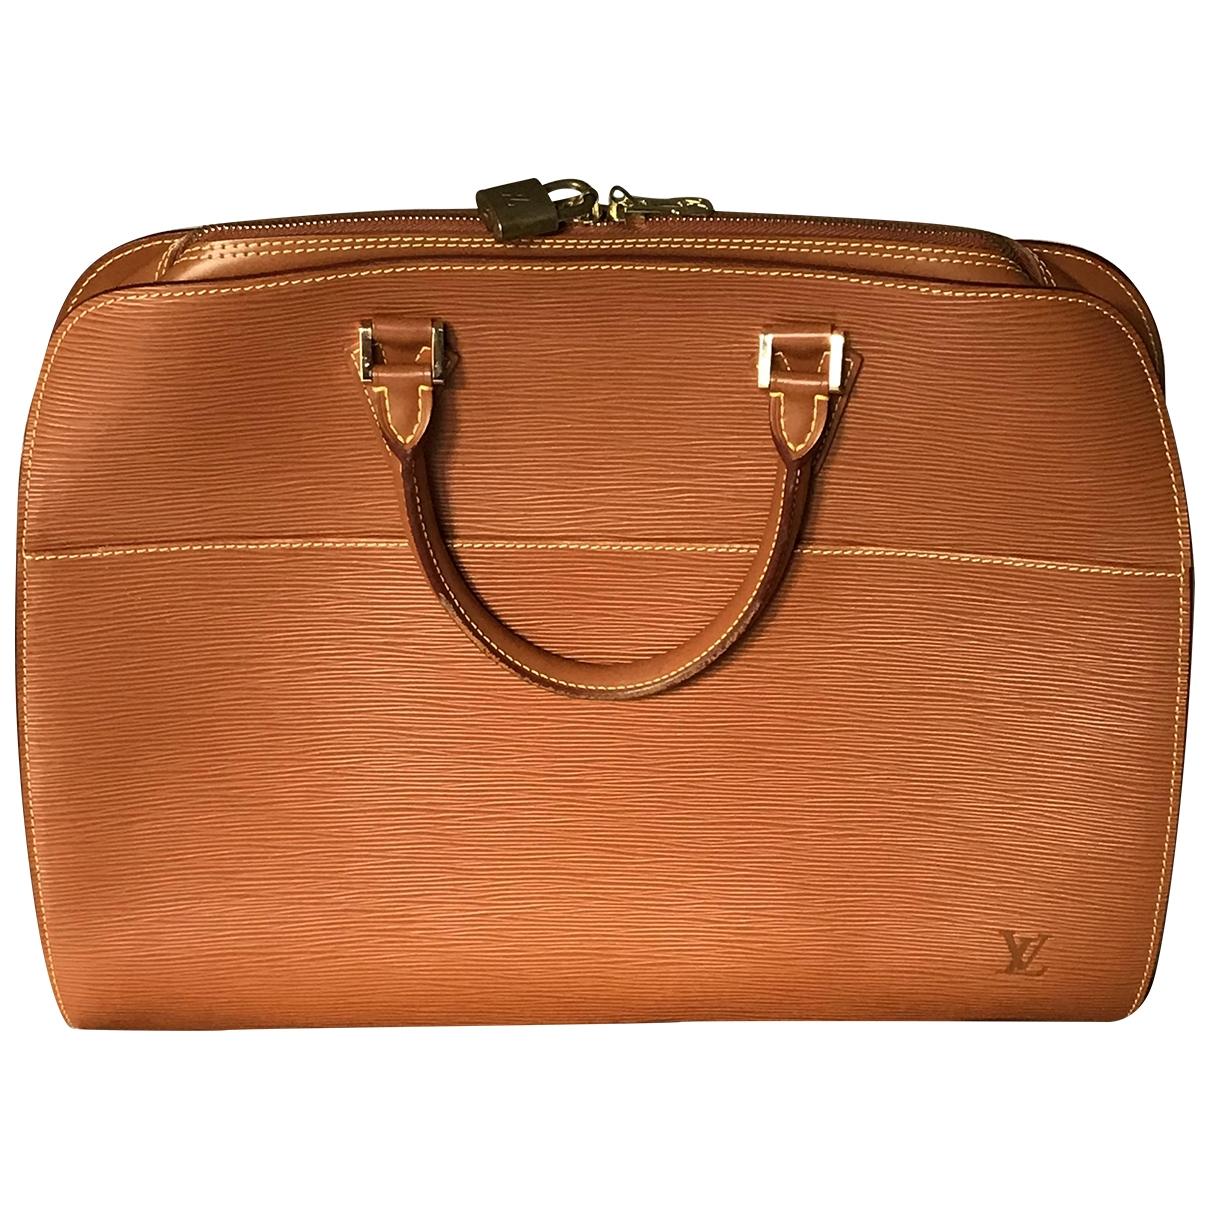 Louis Vuitton Sorbonne Vintage Handtasche in  Kamel Leder